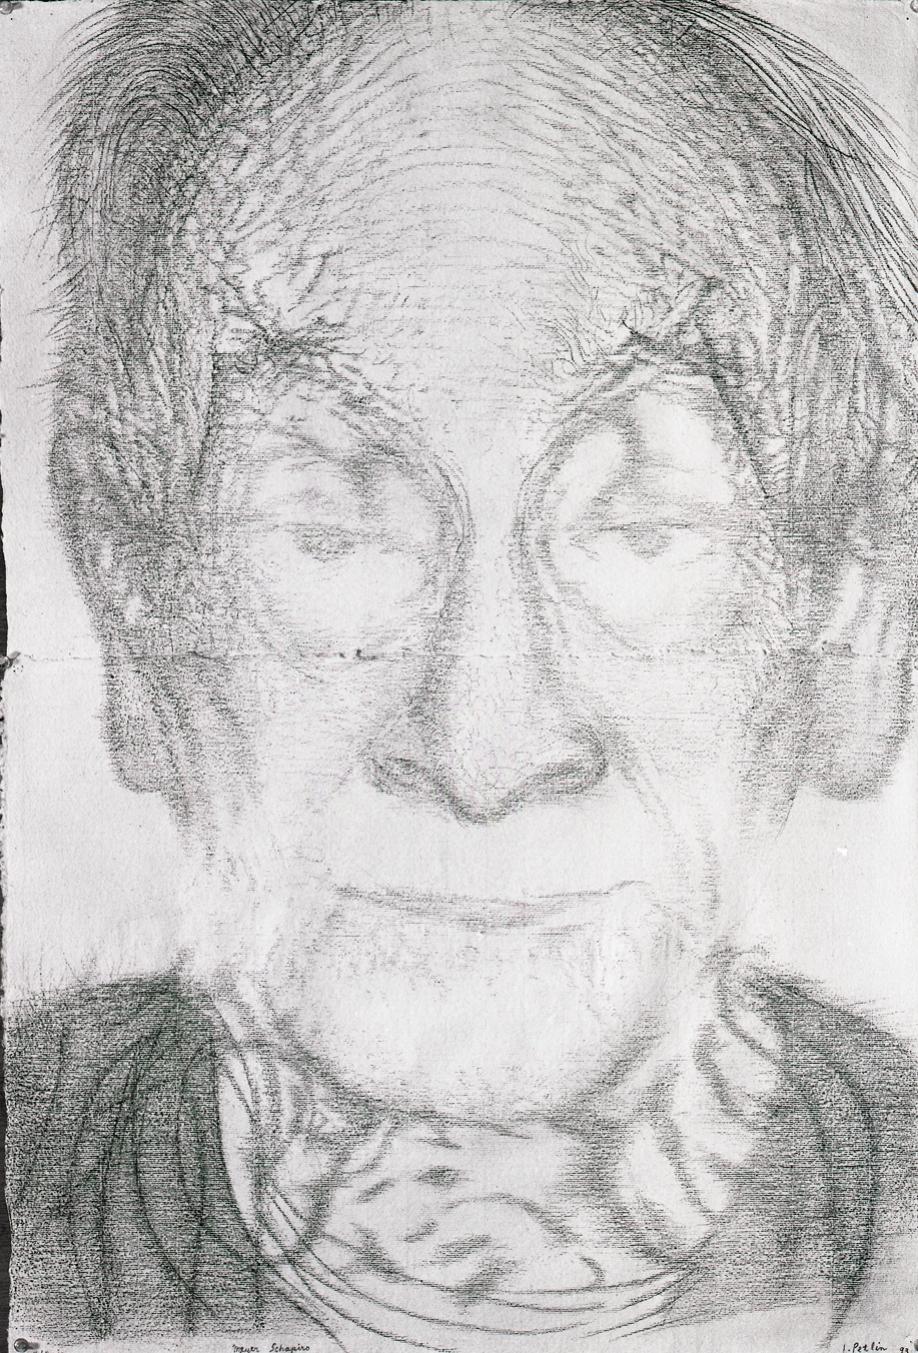 Portrait of Meyer Shapiro (1993)